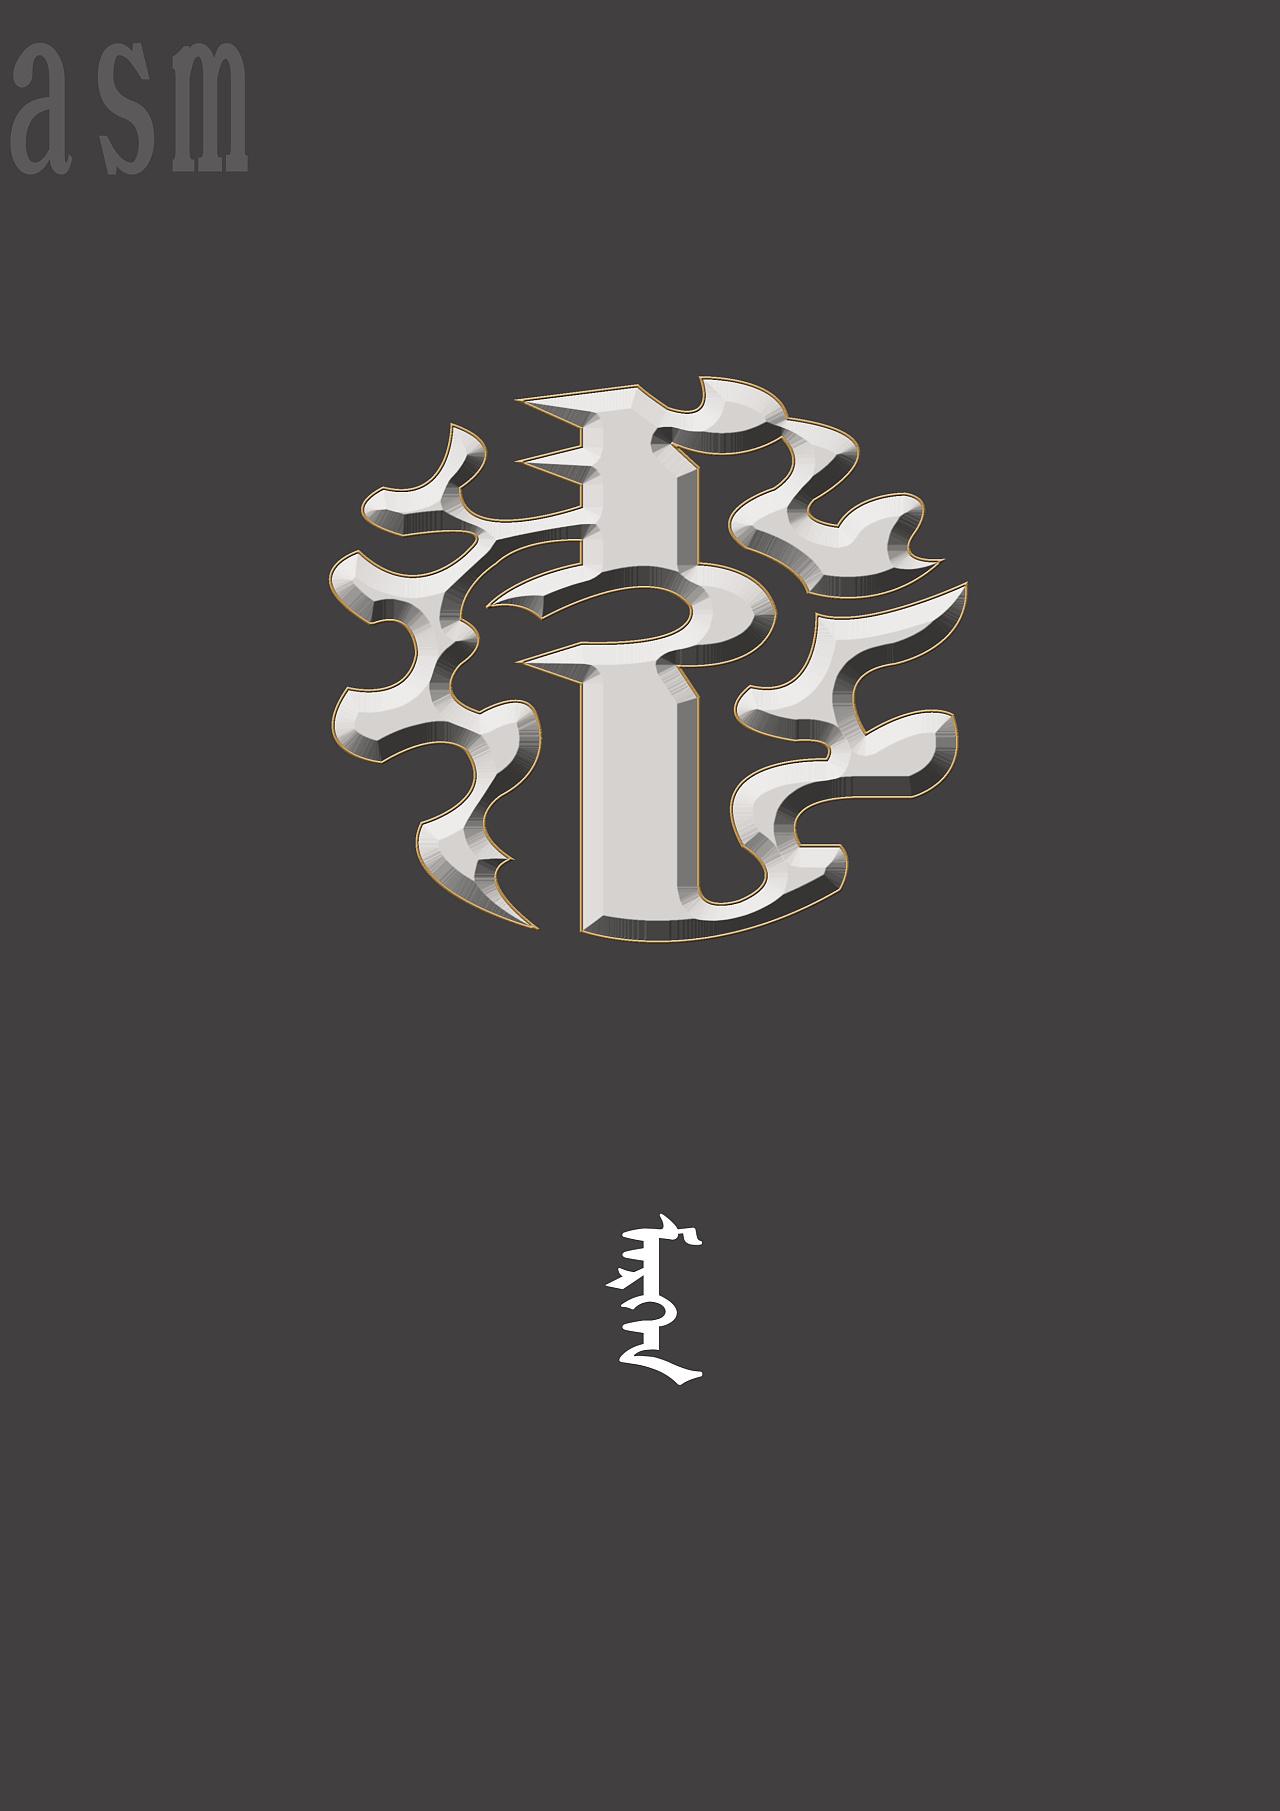 蒙古艺术文字3 -阿斯玛设计 第8张